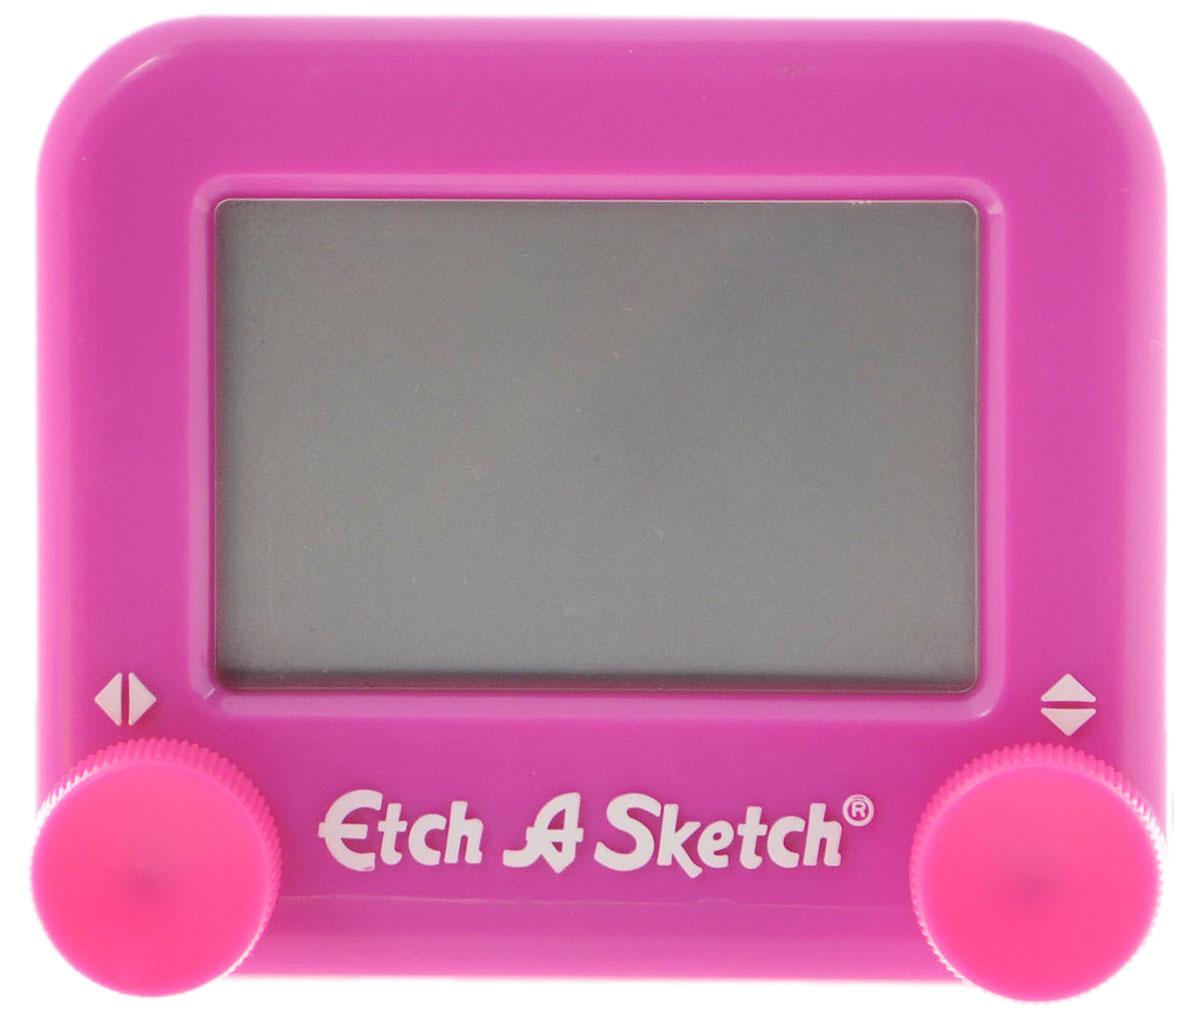 Etch-A-Sketch Волшебный экран цвет фиолетовый516_фиолетовыйВолшебный экран Etch-A-Sketch, непременно понравится вашему ребенку и станет для него любимой игрушкой. Волшебный экран поможет вашему ребенку создавать рисунки одной линией, посредством вращения двух круглых ручек, расположенных в нижних углах (одна из них перемещает указатель по вертикали, а другая по горизонтали). Самым сложным считается рисовать круглые объекты, волнистые линии и плавные изгибы. Внутри экрана находится специальный порошок, который счищает тонкий указатель с внутренней поверхности экрана, оставляя за собой темную линию. Для того чтобы стереть свой рисунок, достаточно просто перевернуть экран вниз и потрясти, и он снова станет серым, при этом указатель начнет чертить ровно из той точки, где закончился предыдущий рисунок. Компактный размер экрана позволяет брать его с собой в дорогу. Активно развивает связь между правым и левым полушариями мозга!